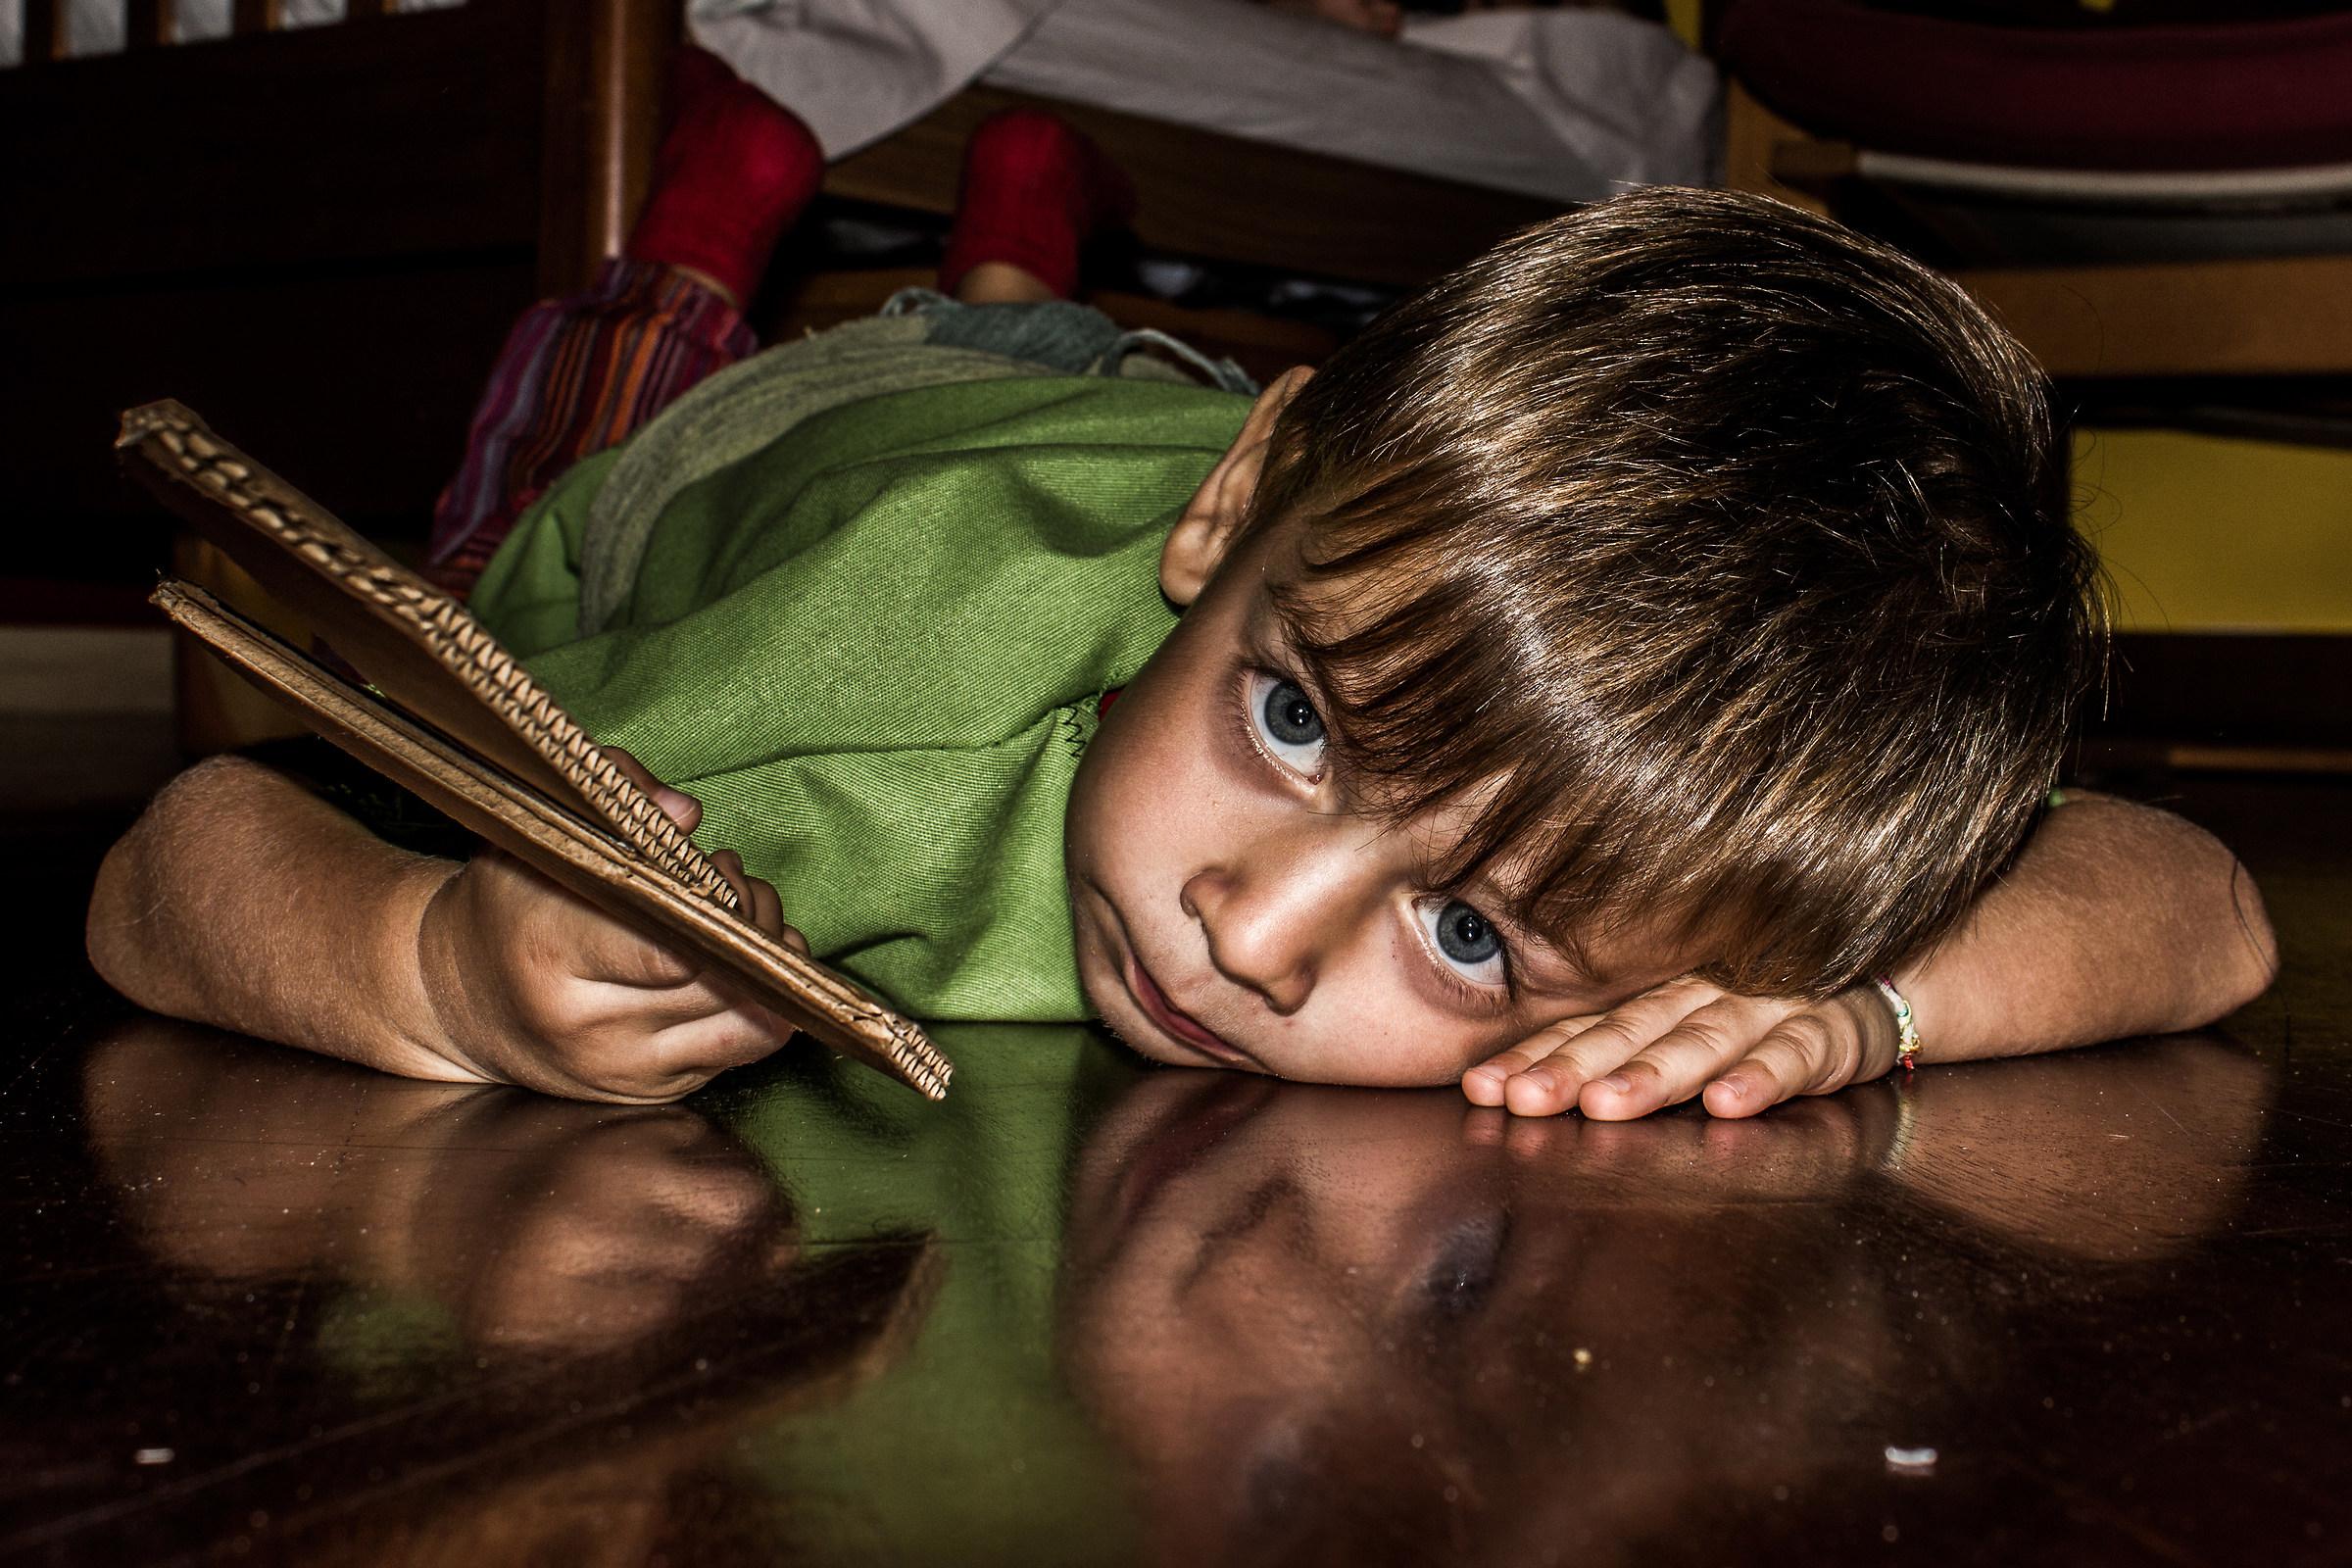 My little Peter Pan...